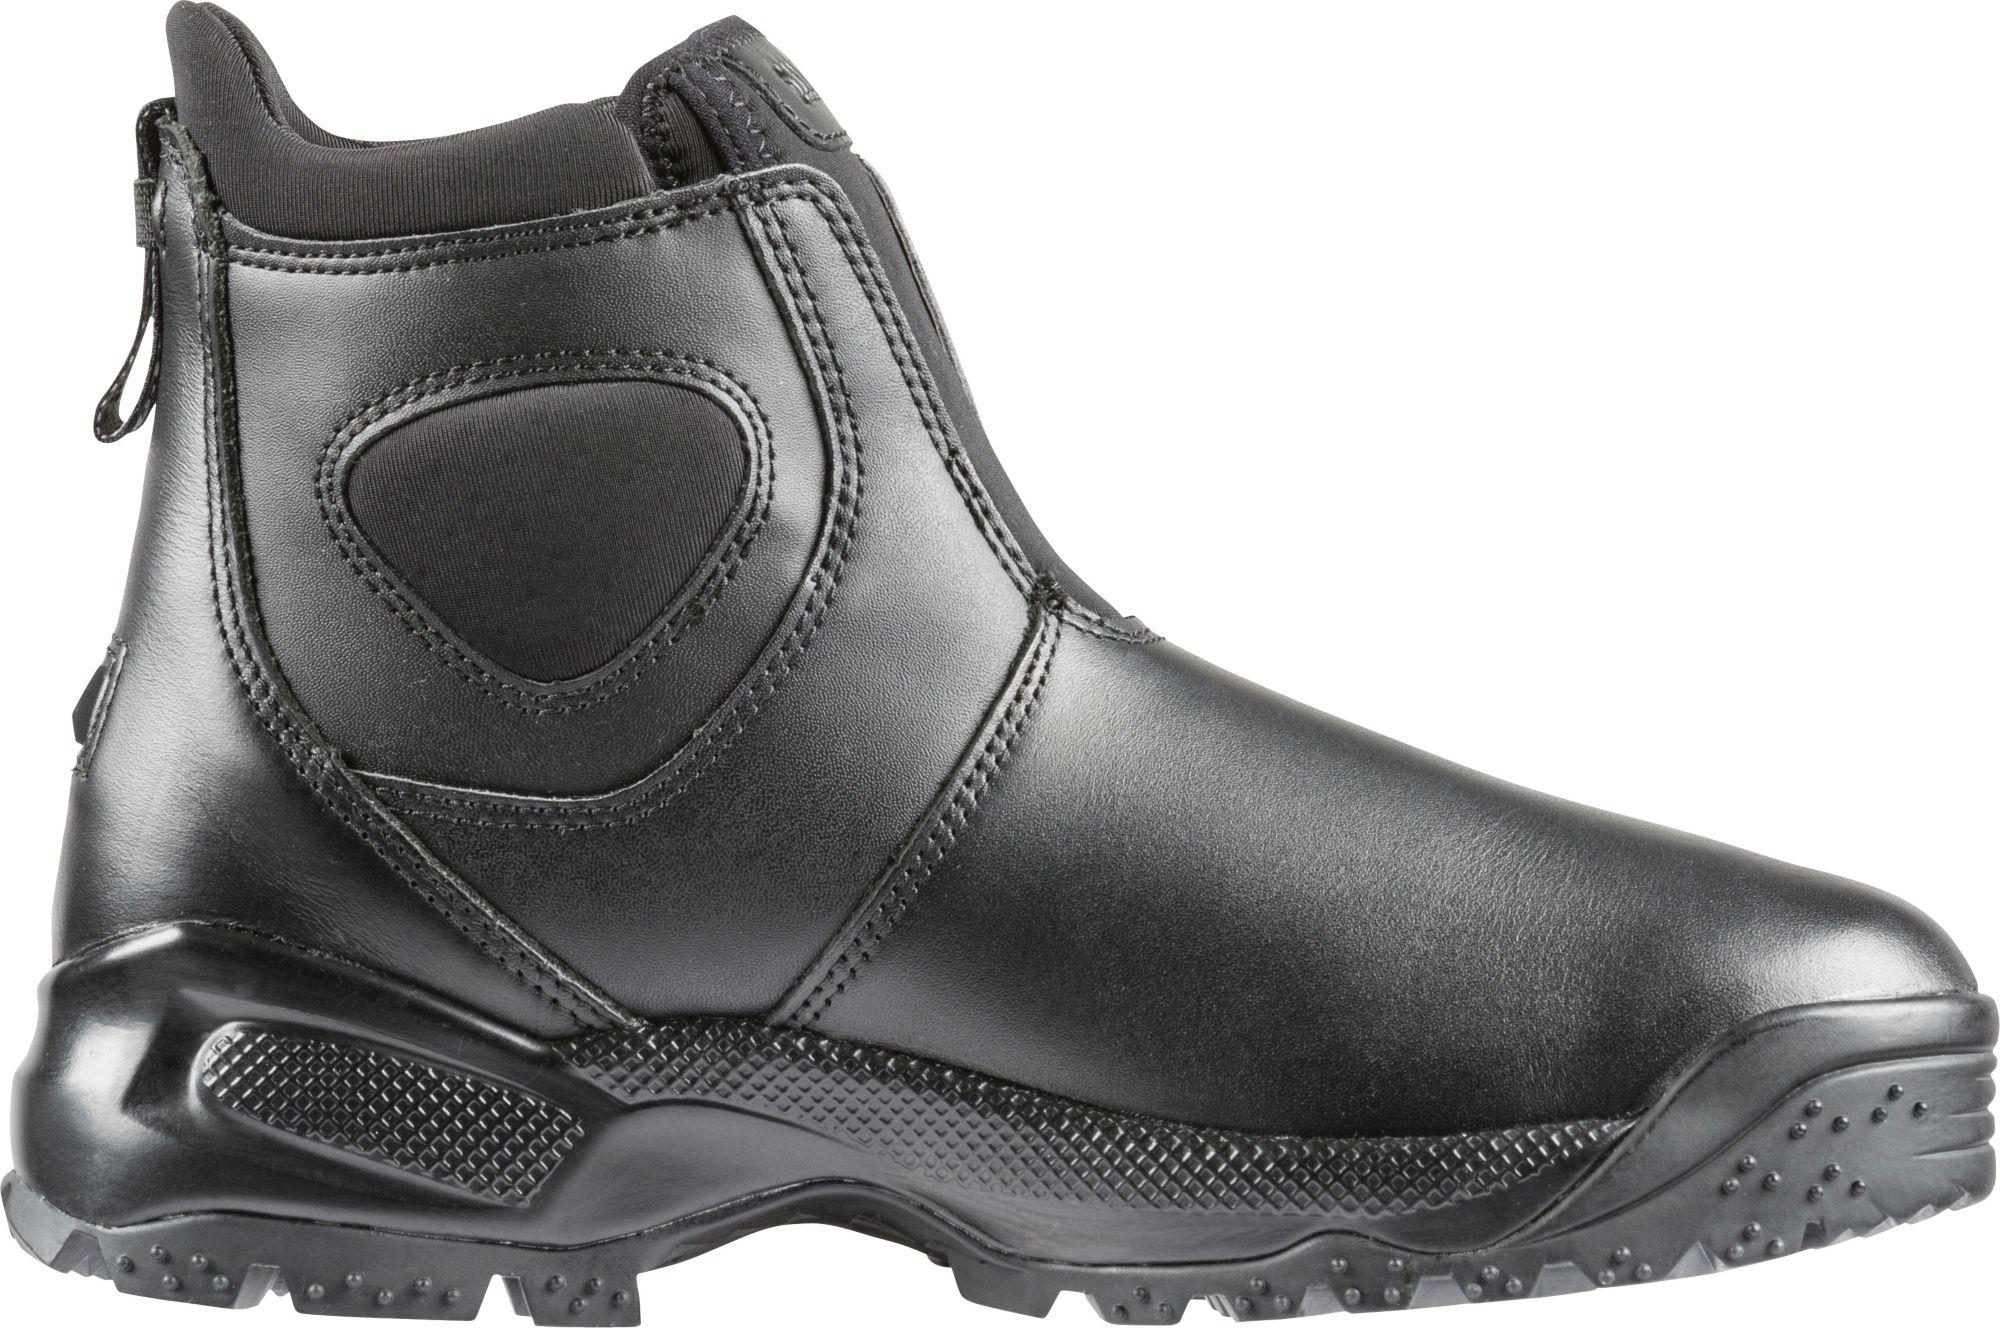 5.11 Tactical Men's Company 2.0 Tactical Boots, Black thumbnail